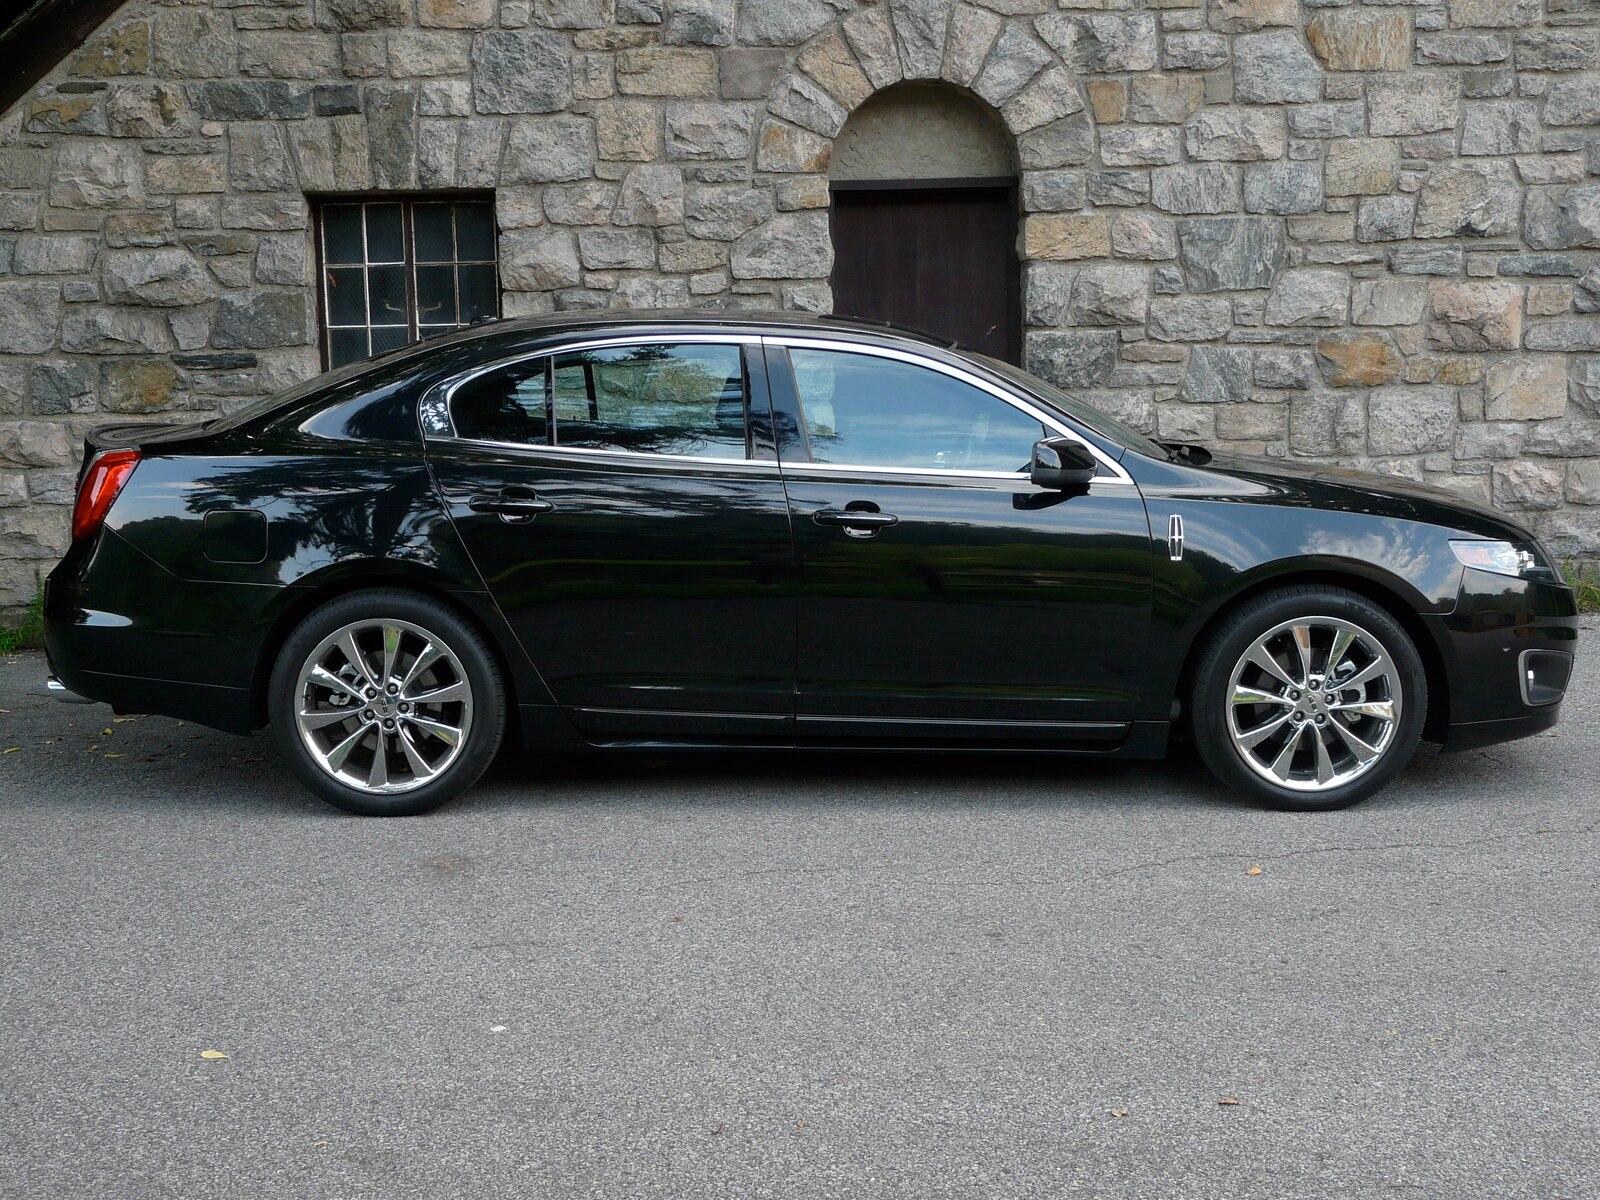 0908 07 Z 2010 Lincoln MKS Profile View